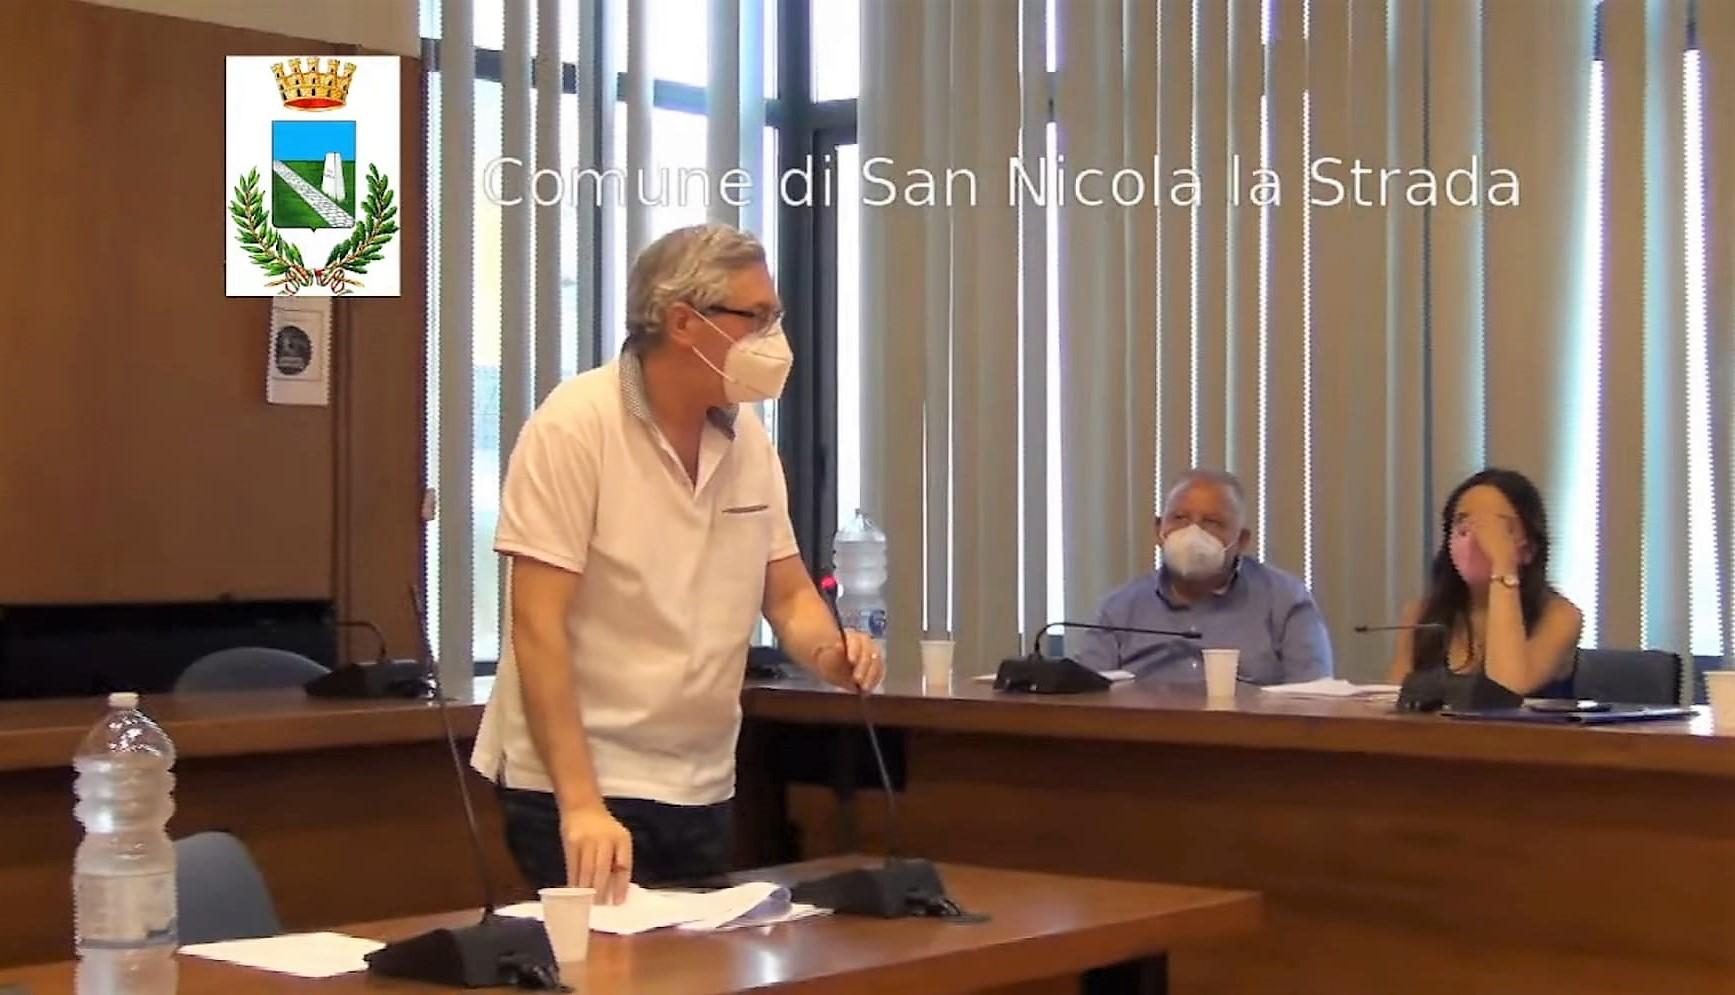 %name SAN NICOLA LA STRADA, FRANCESCO BASILE: CHIEDEREMO LE DIMISSIONI DELL'ATTUALE AMMINISTRAZIONE